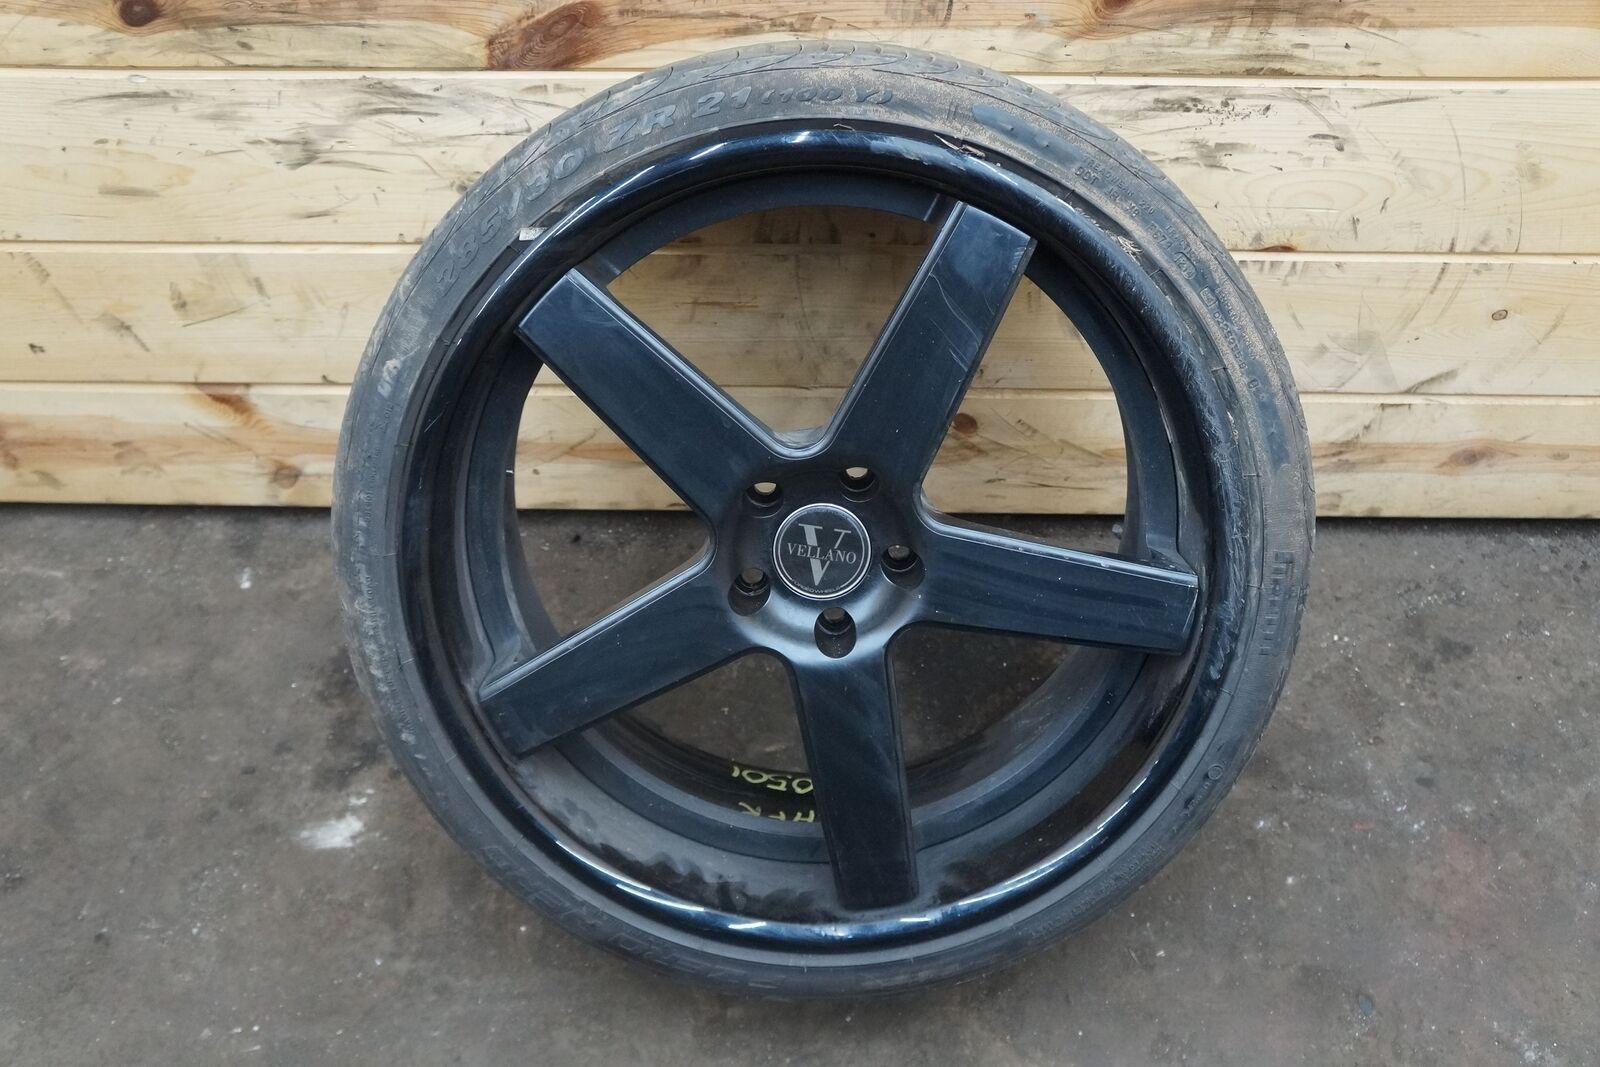 Front Wheel Rim Tire 2111 5 Spoke Vellano 51143 Et45 Nissan Gtr Gt R Rims